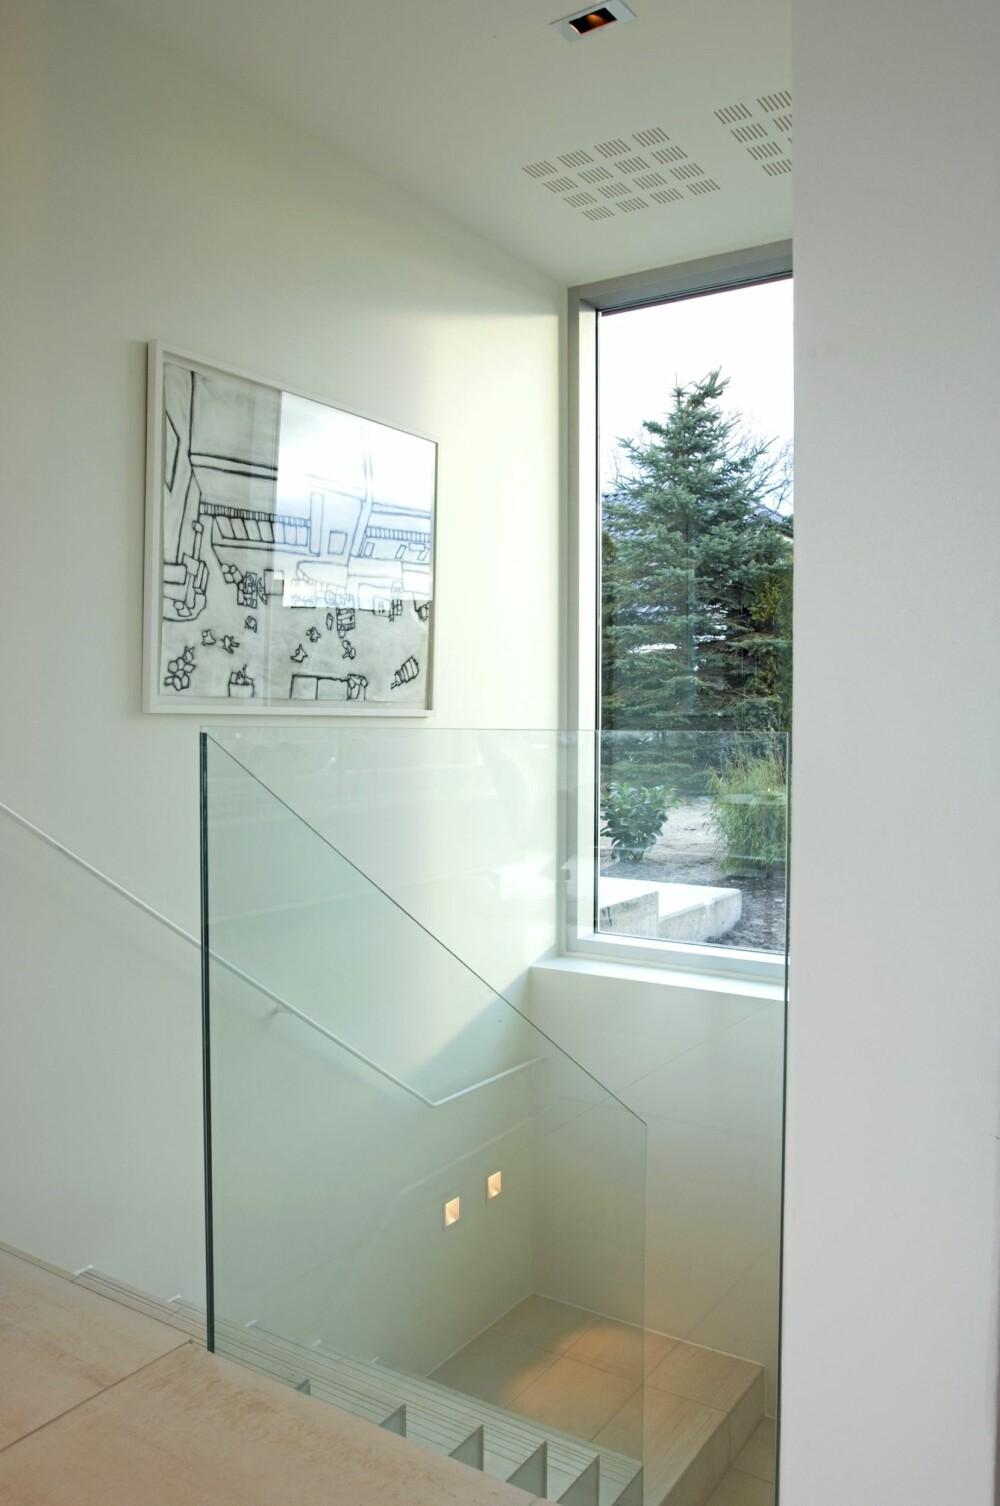 NED TIL SMÅROMMENE: Trappen fra kjøkkensonen leder ned til en rekke smårom. Fra vinduet på baksiden av huset flommer dagslyset ned i trapperommet.